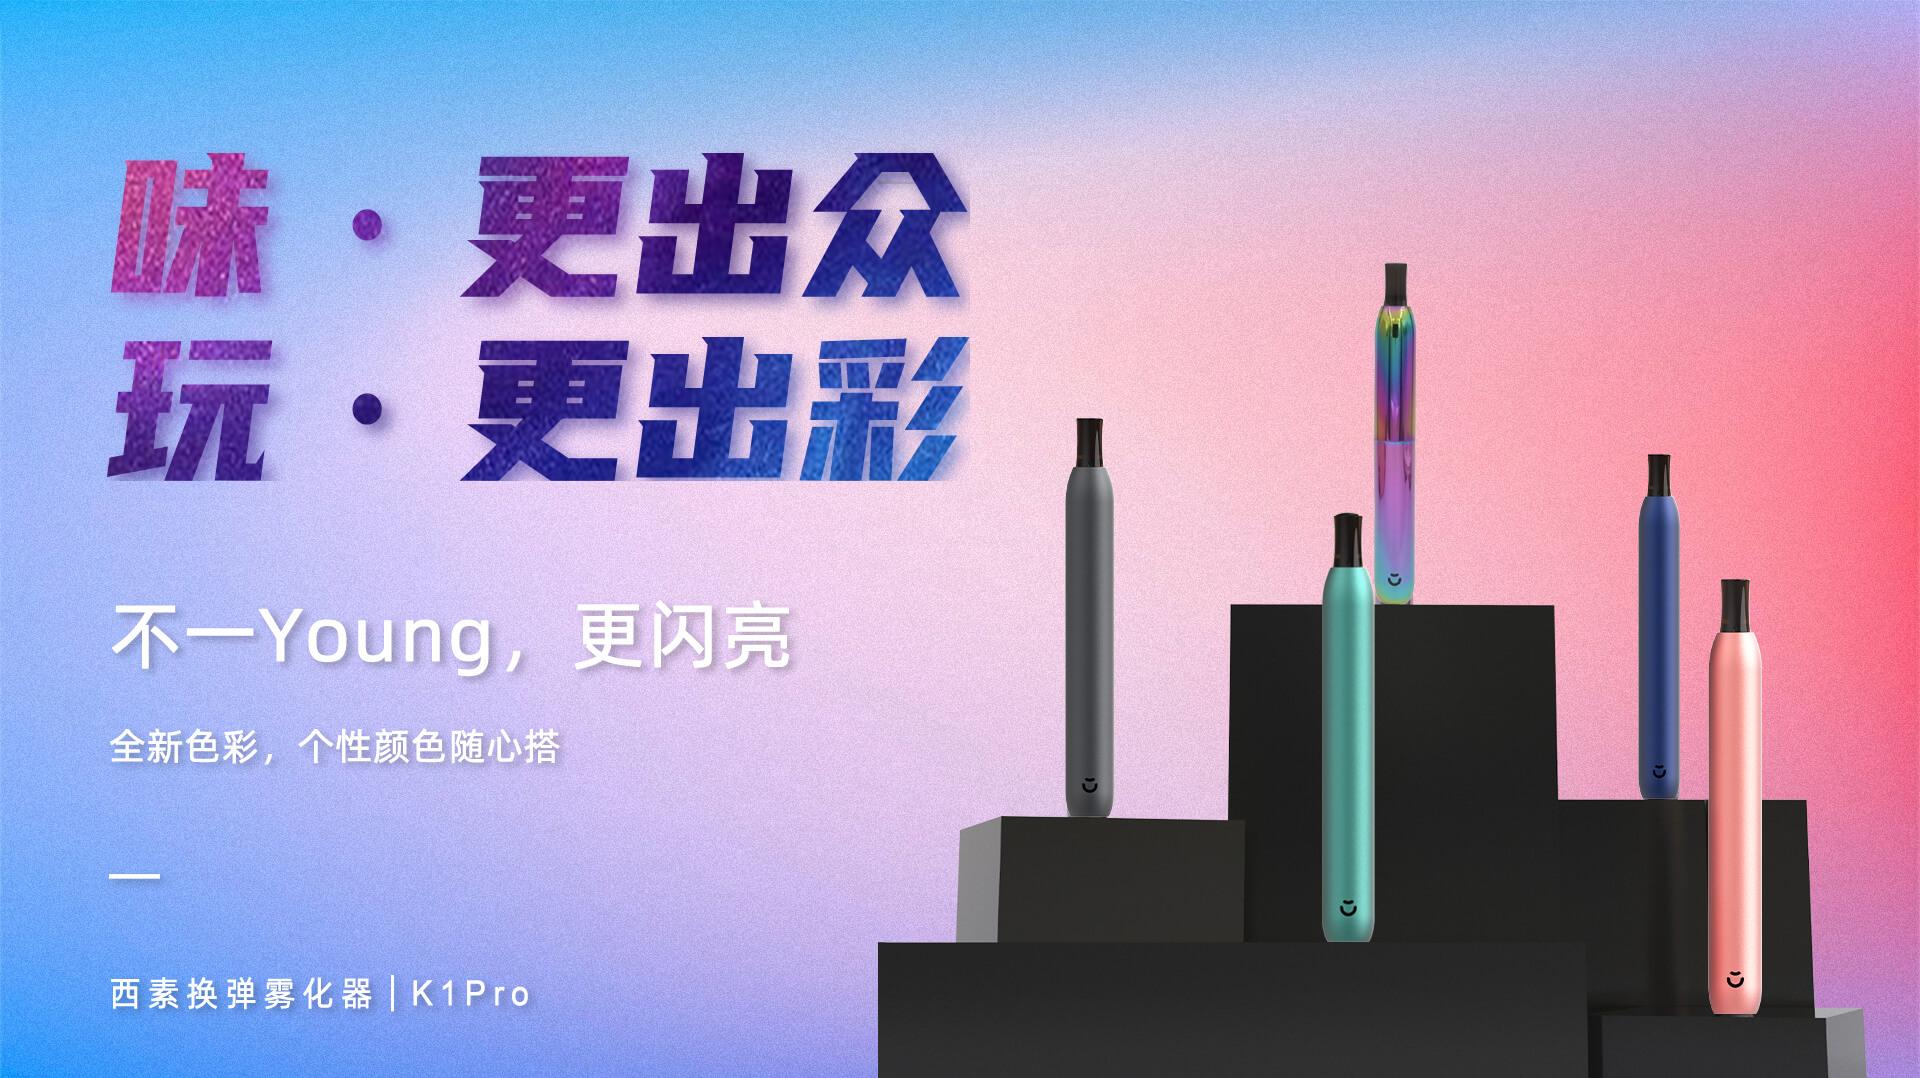 CISOO西素电子烟官网介绍_怎么样